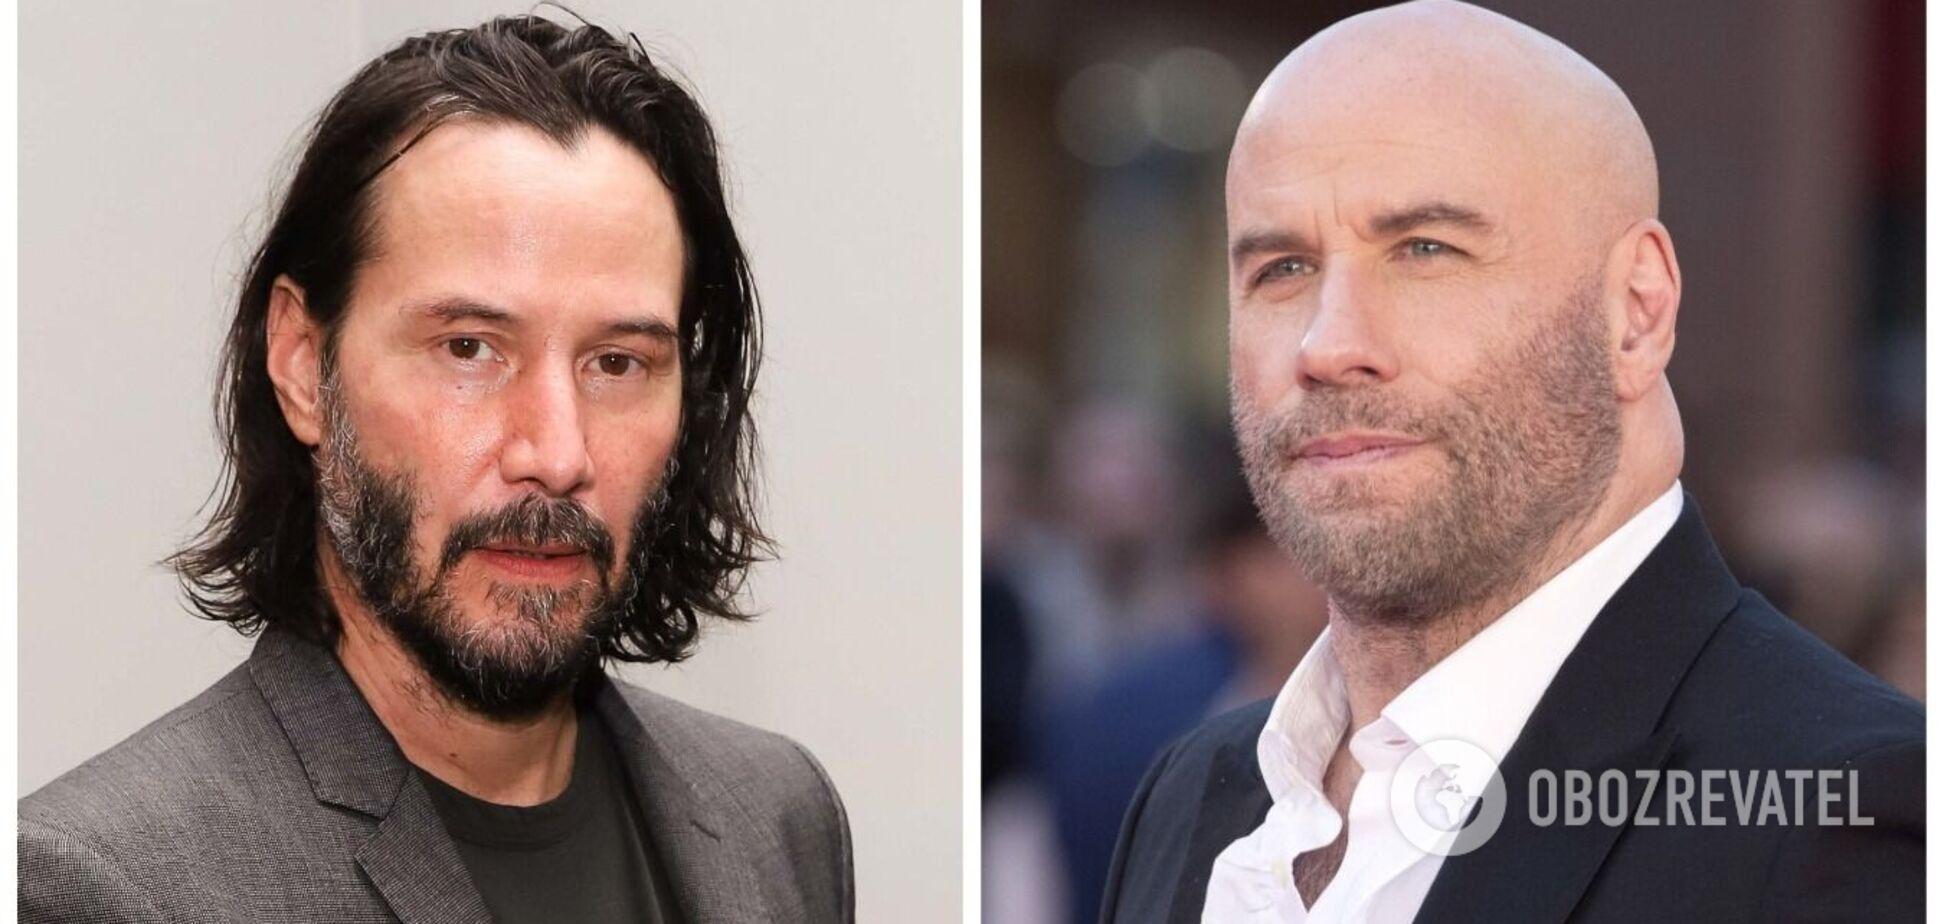 Как изменились самые красивые актеры за 20 лет: постаревший Керри, толстяк Траволта и красавчик Ривз